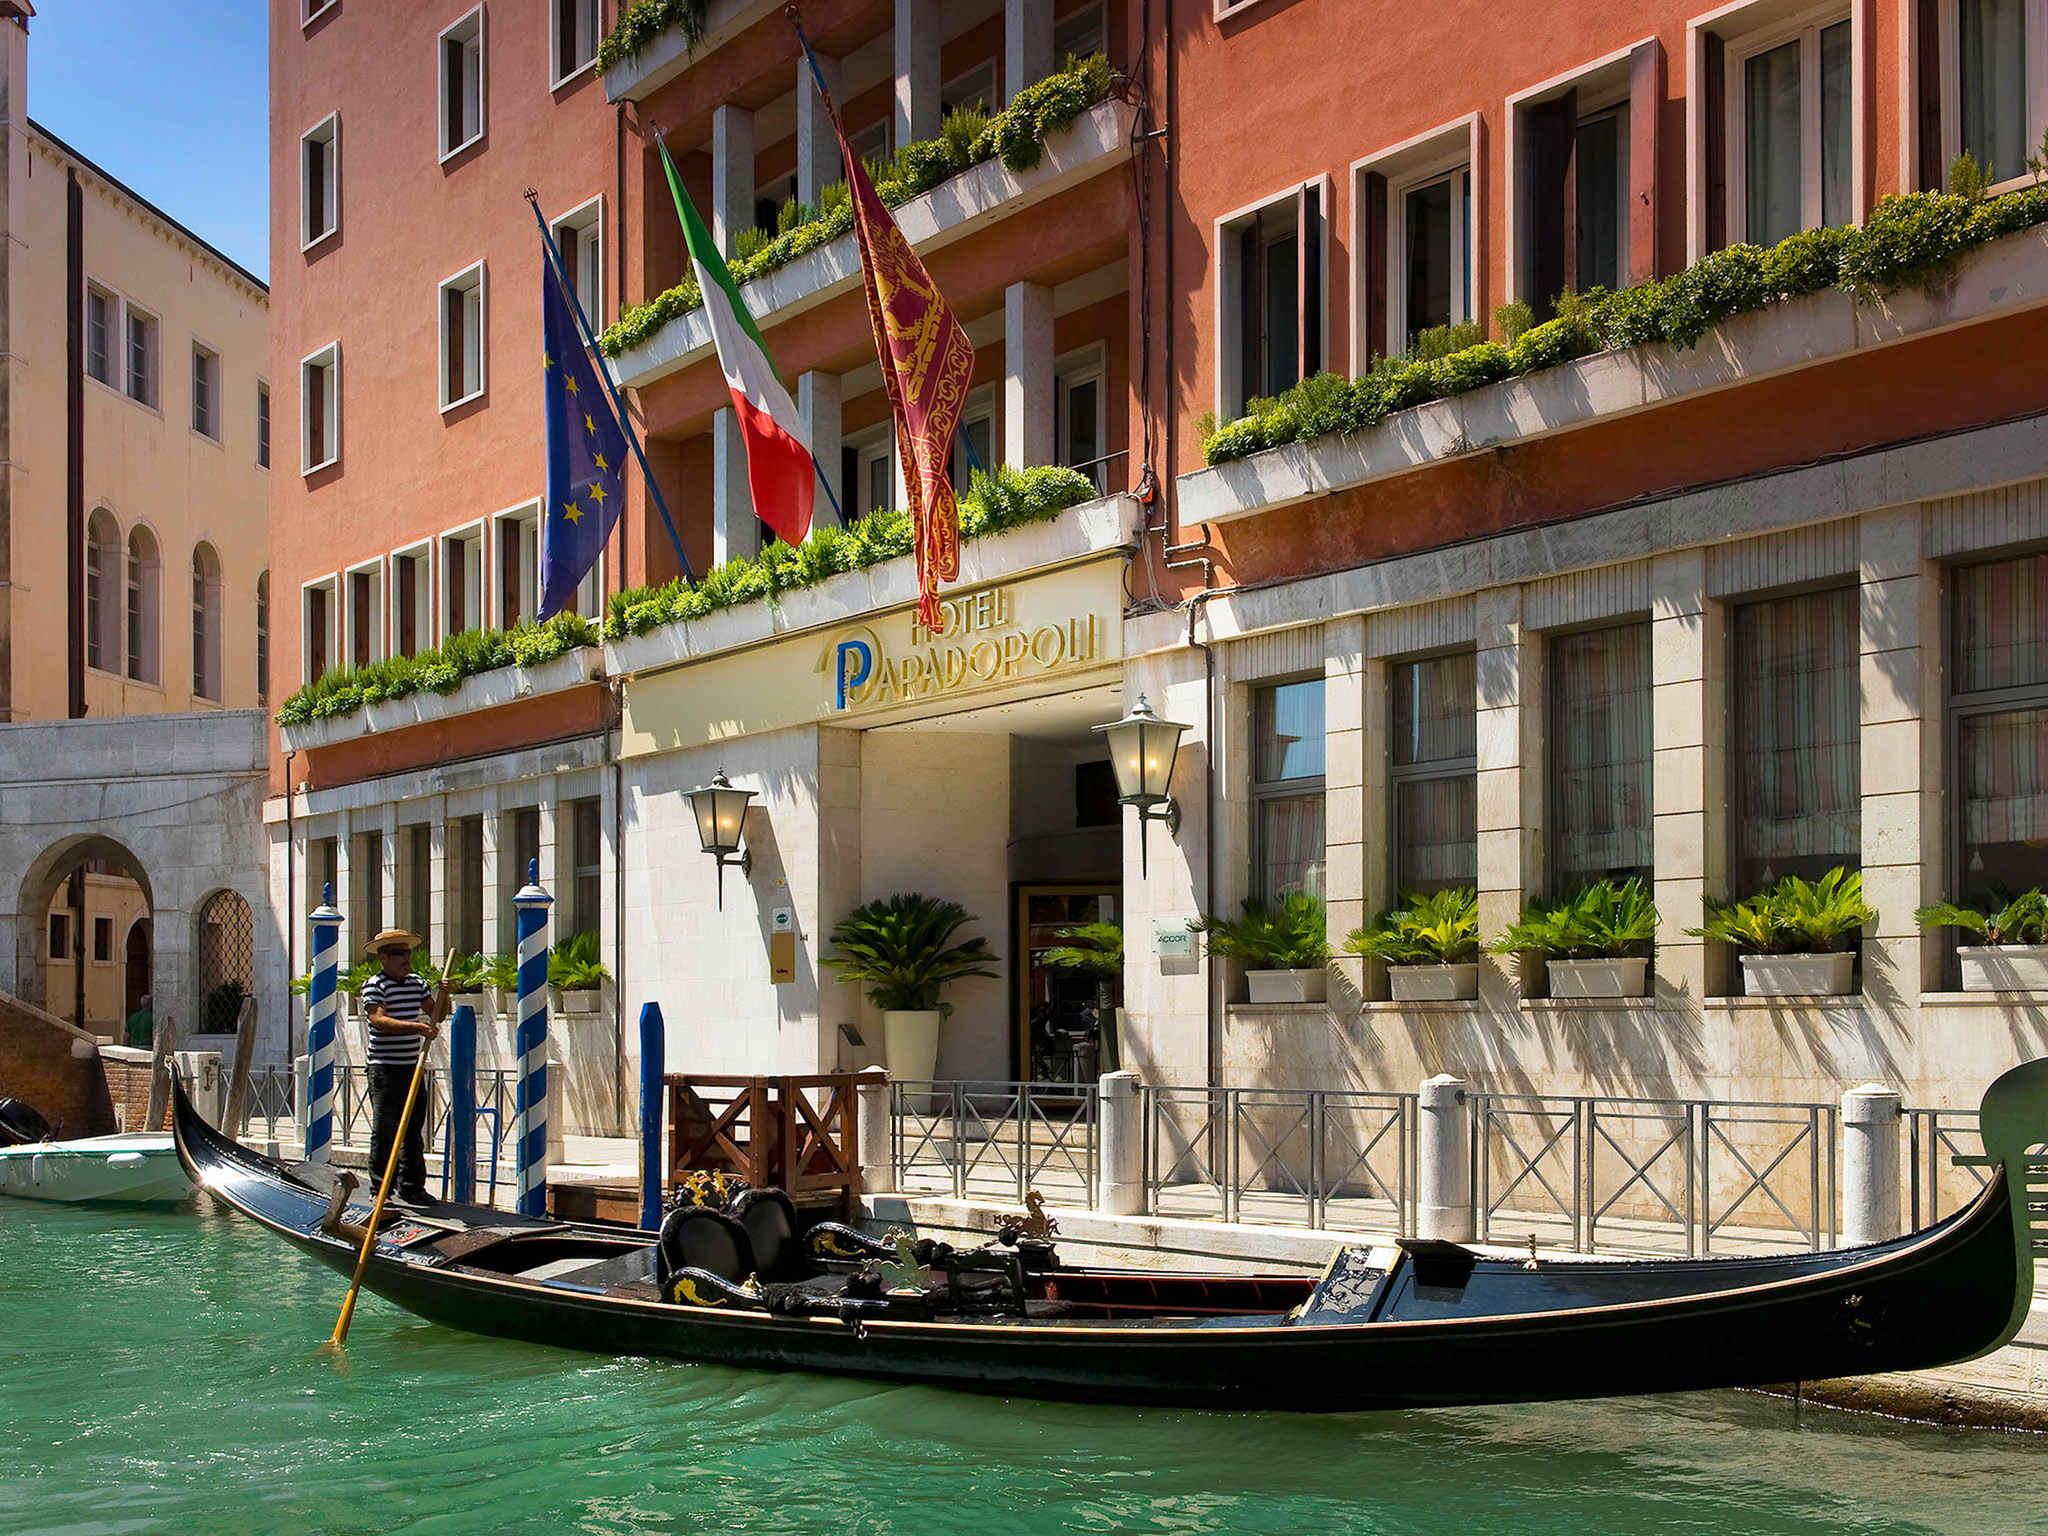 Otel – Hotel Papadopoli Venezia - MGallery by Sofitel